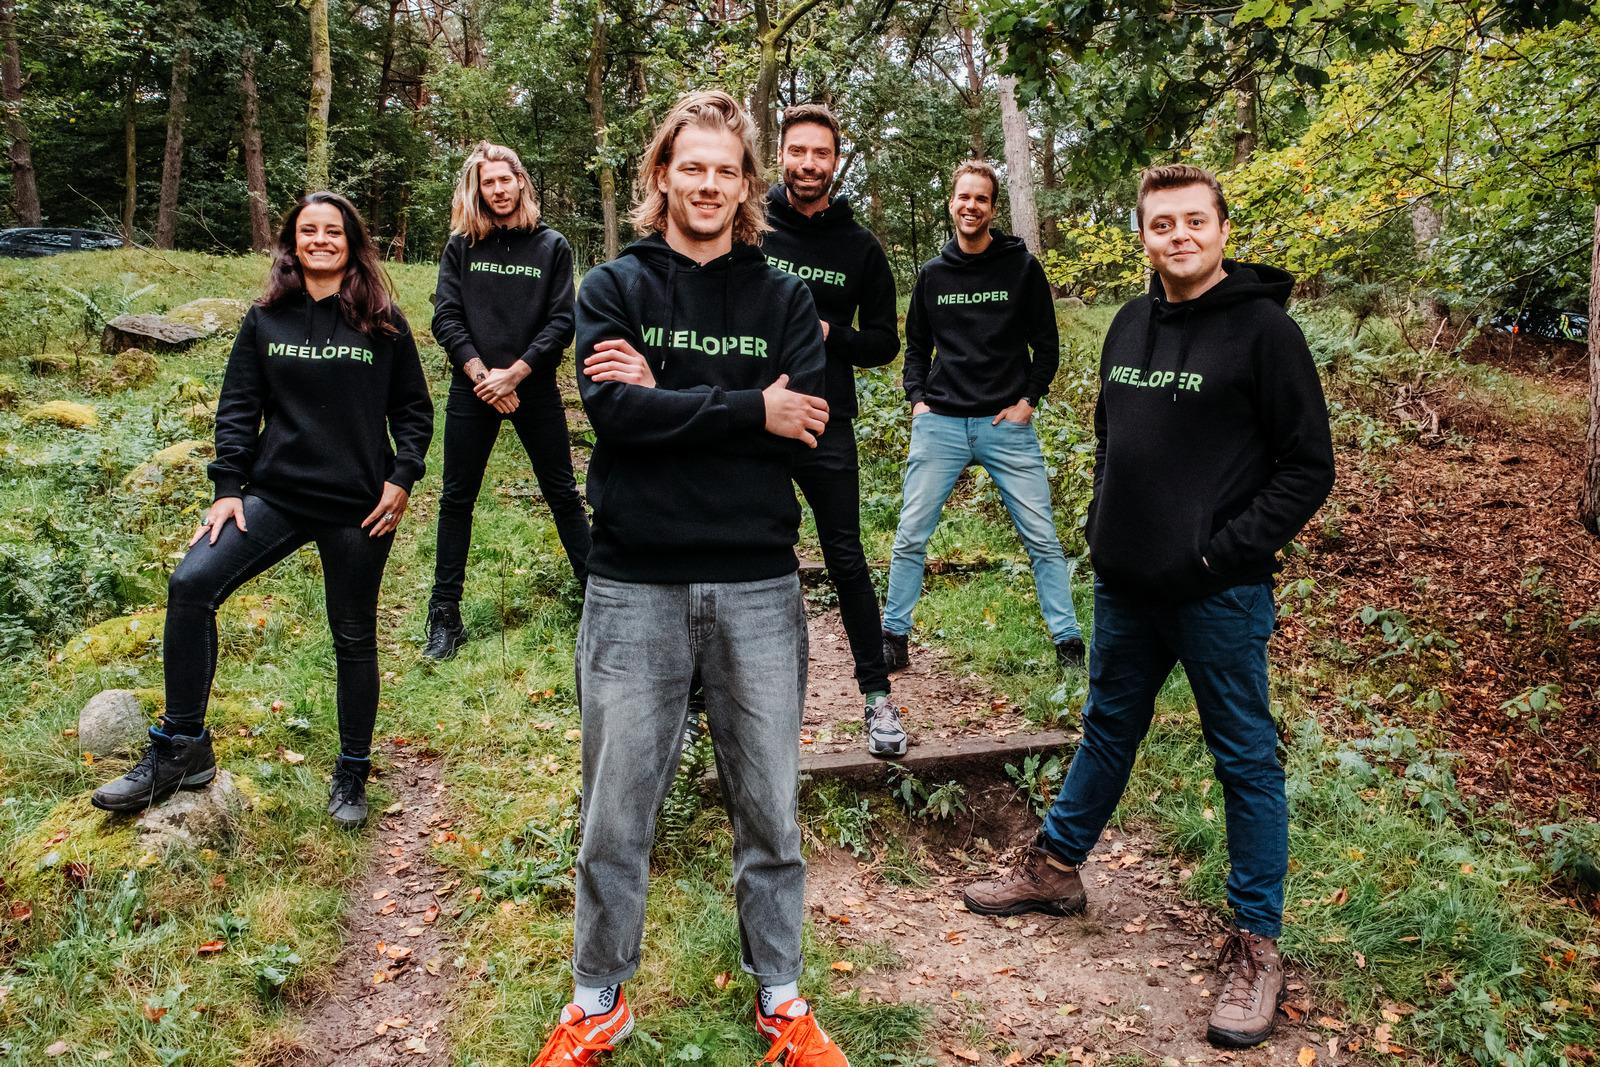 3FM Serious Request: The Lifeline komt naar Kampen